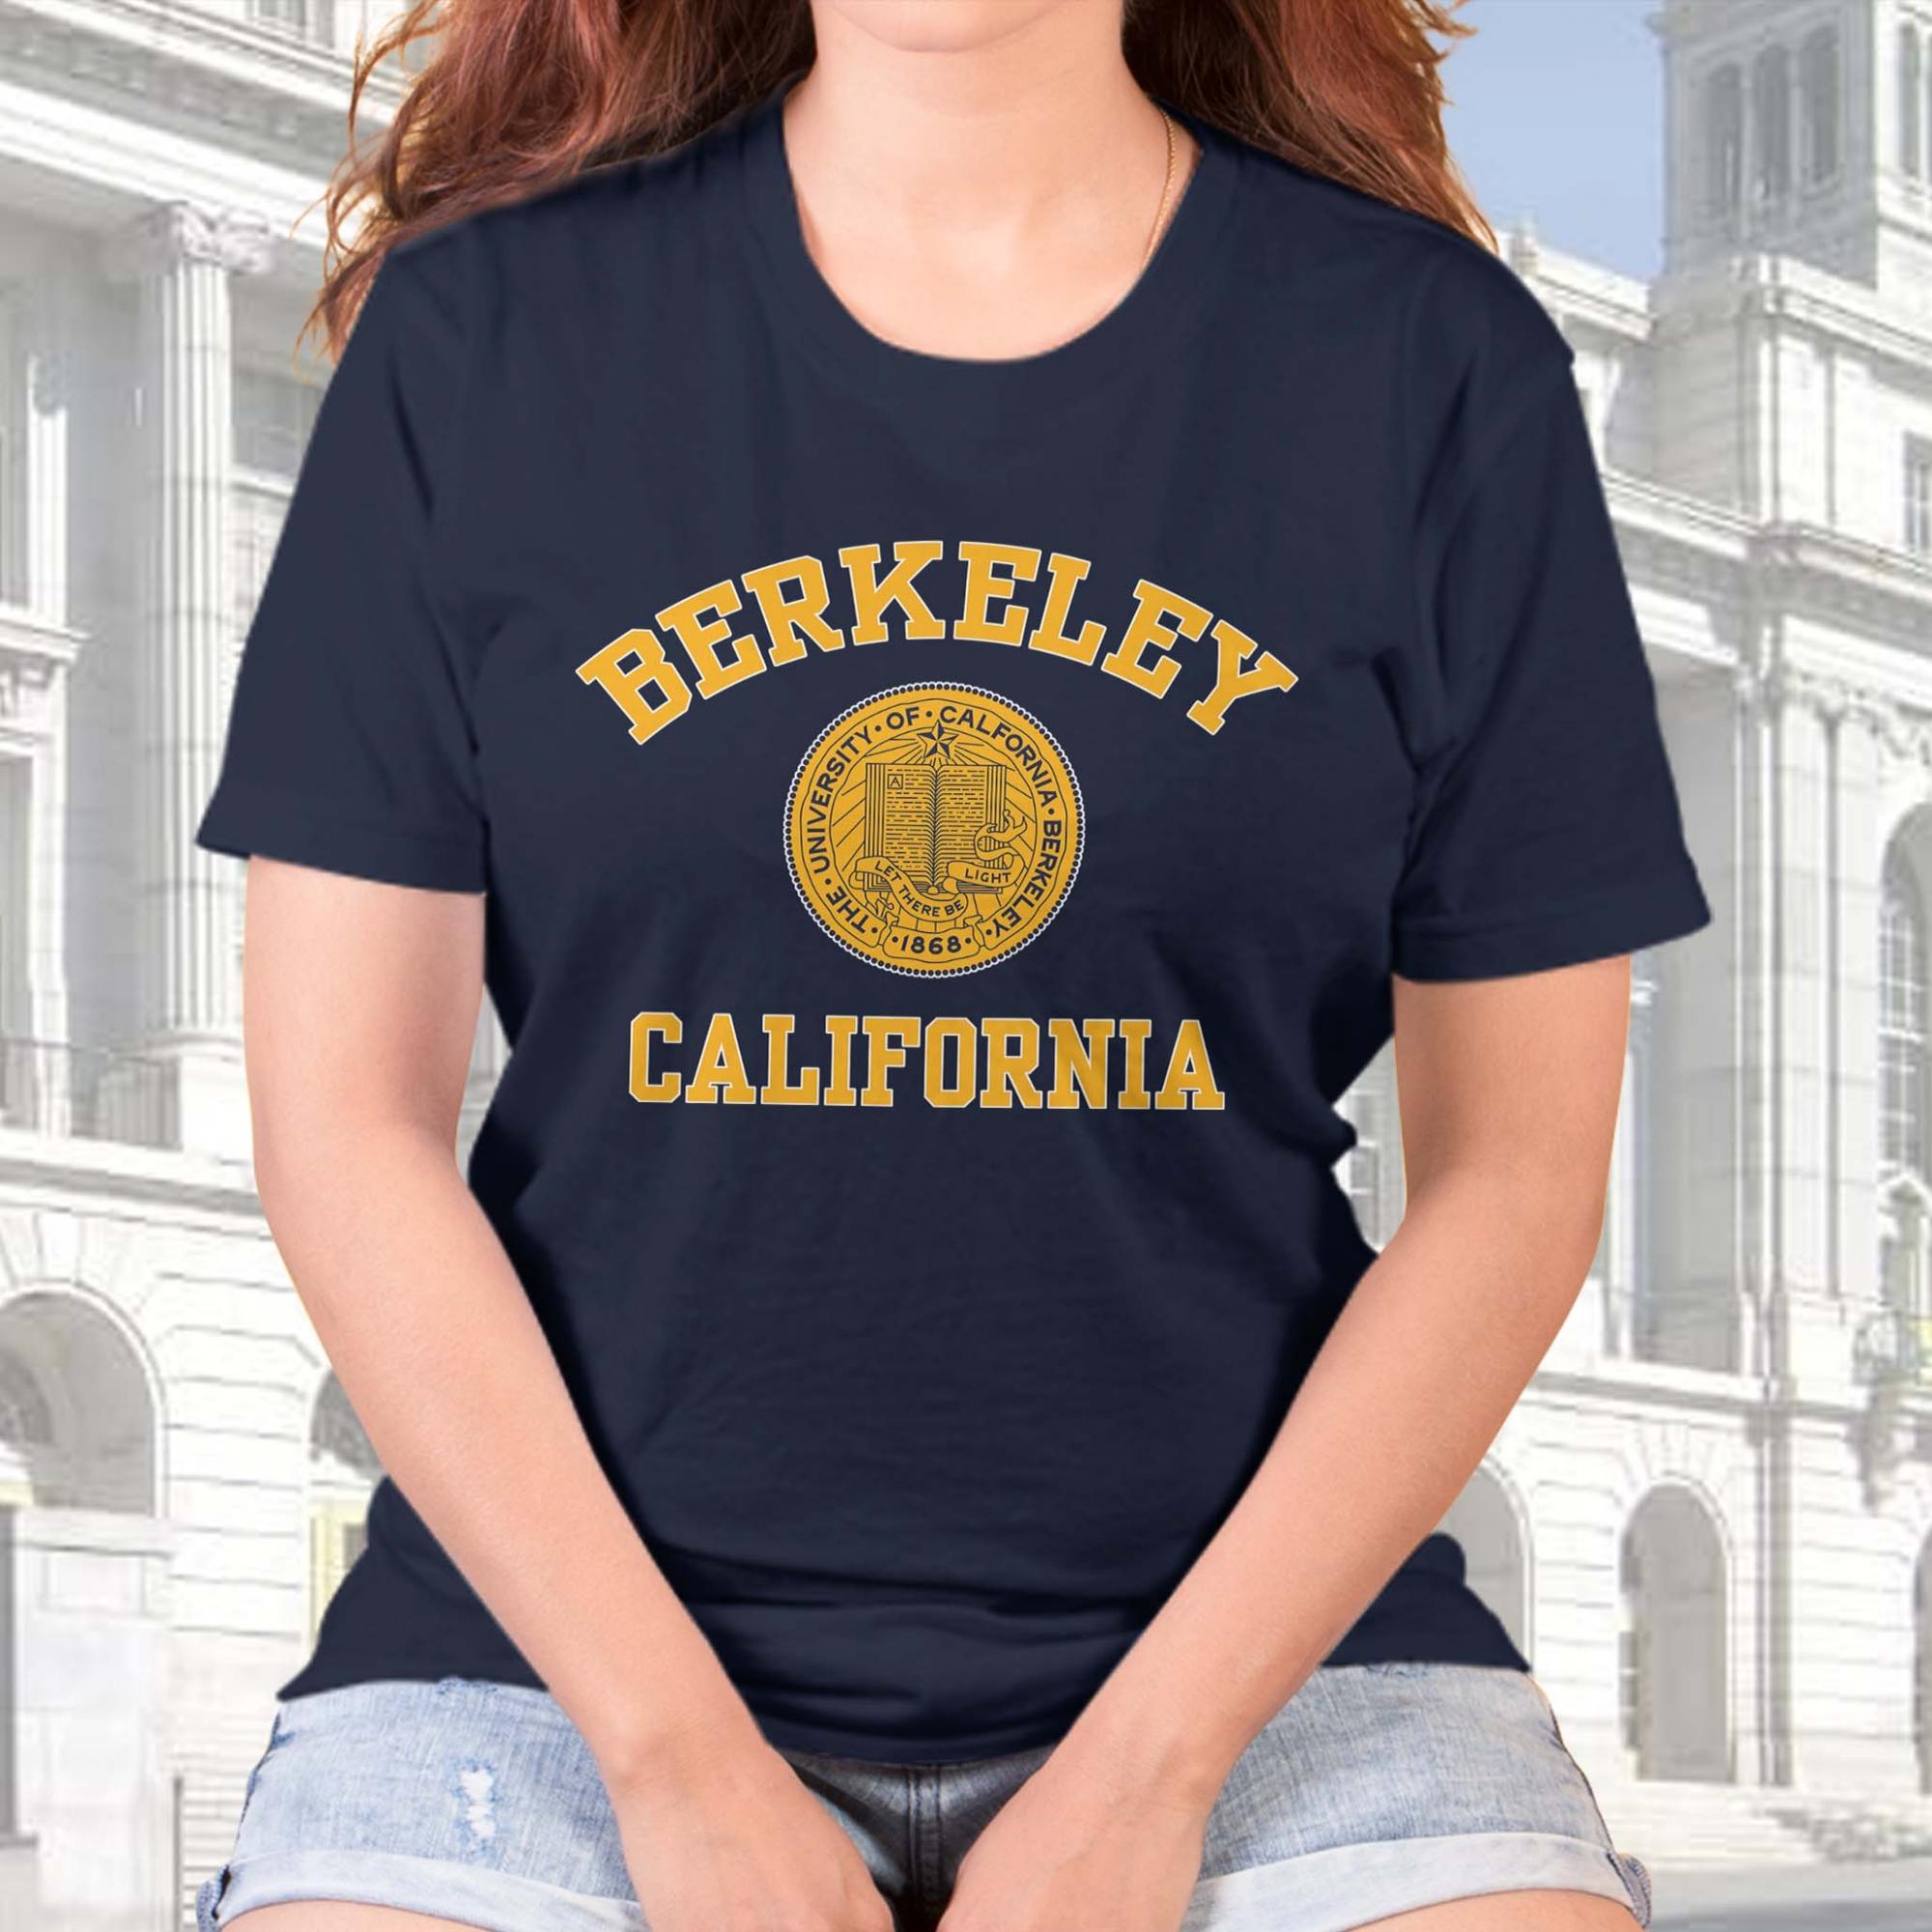 Camiseta Feminina Unissex Universidade da Califórnia Berkeley Estados Unidos University (Azul Marinho) - EV